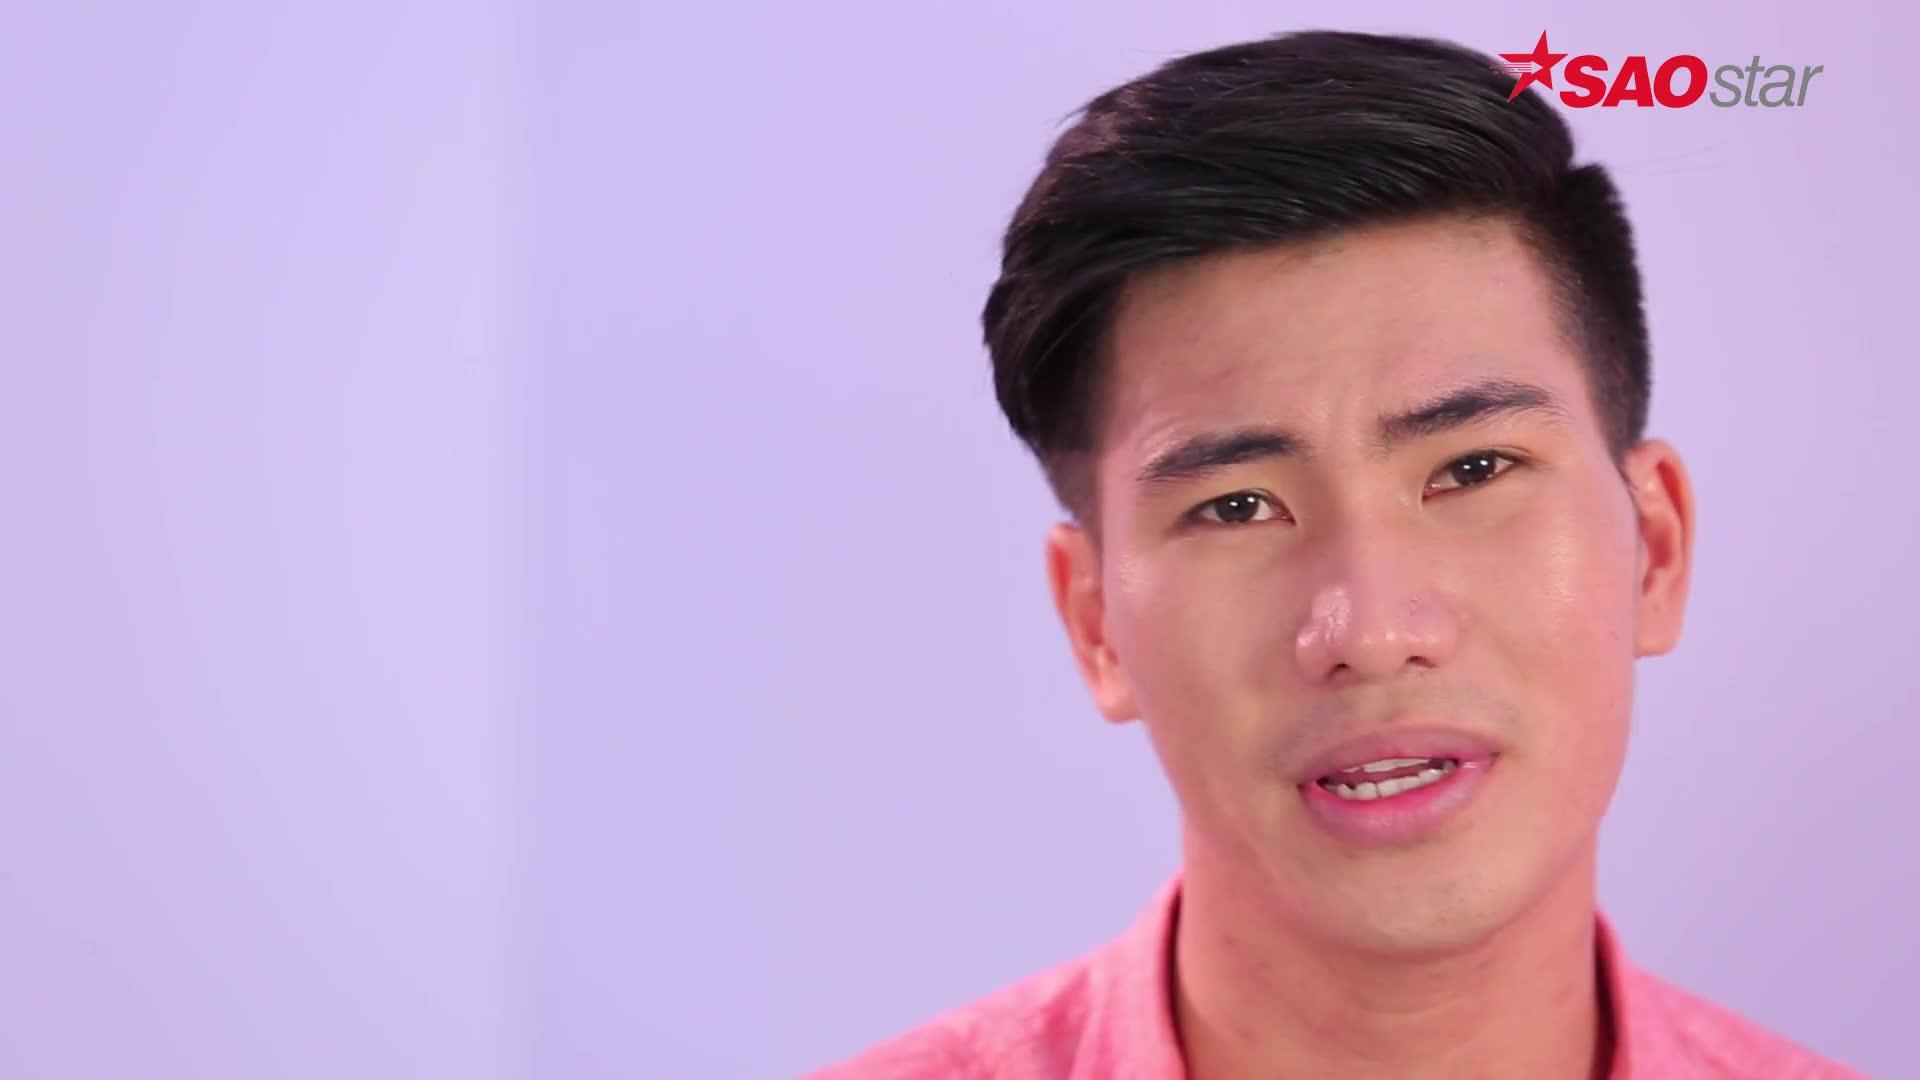 Tan chảy trước màn cover vọng cổ của hotboy Bolero  Nguyễn Ngọc Sơn